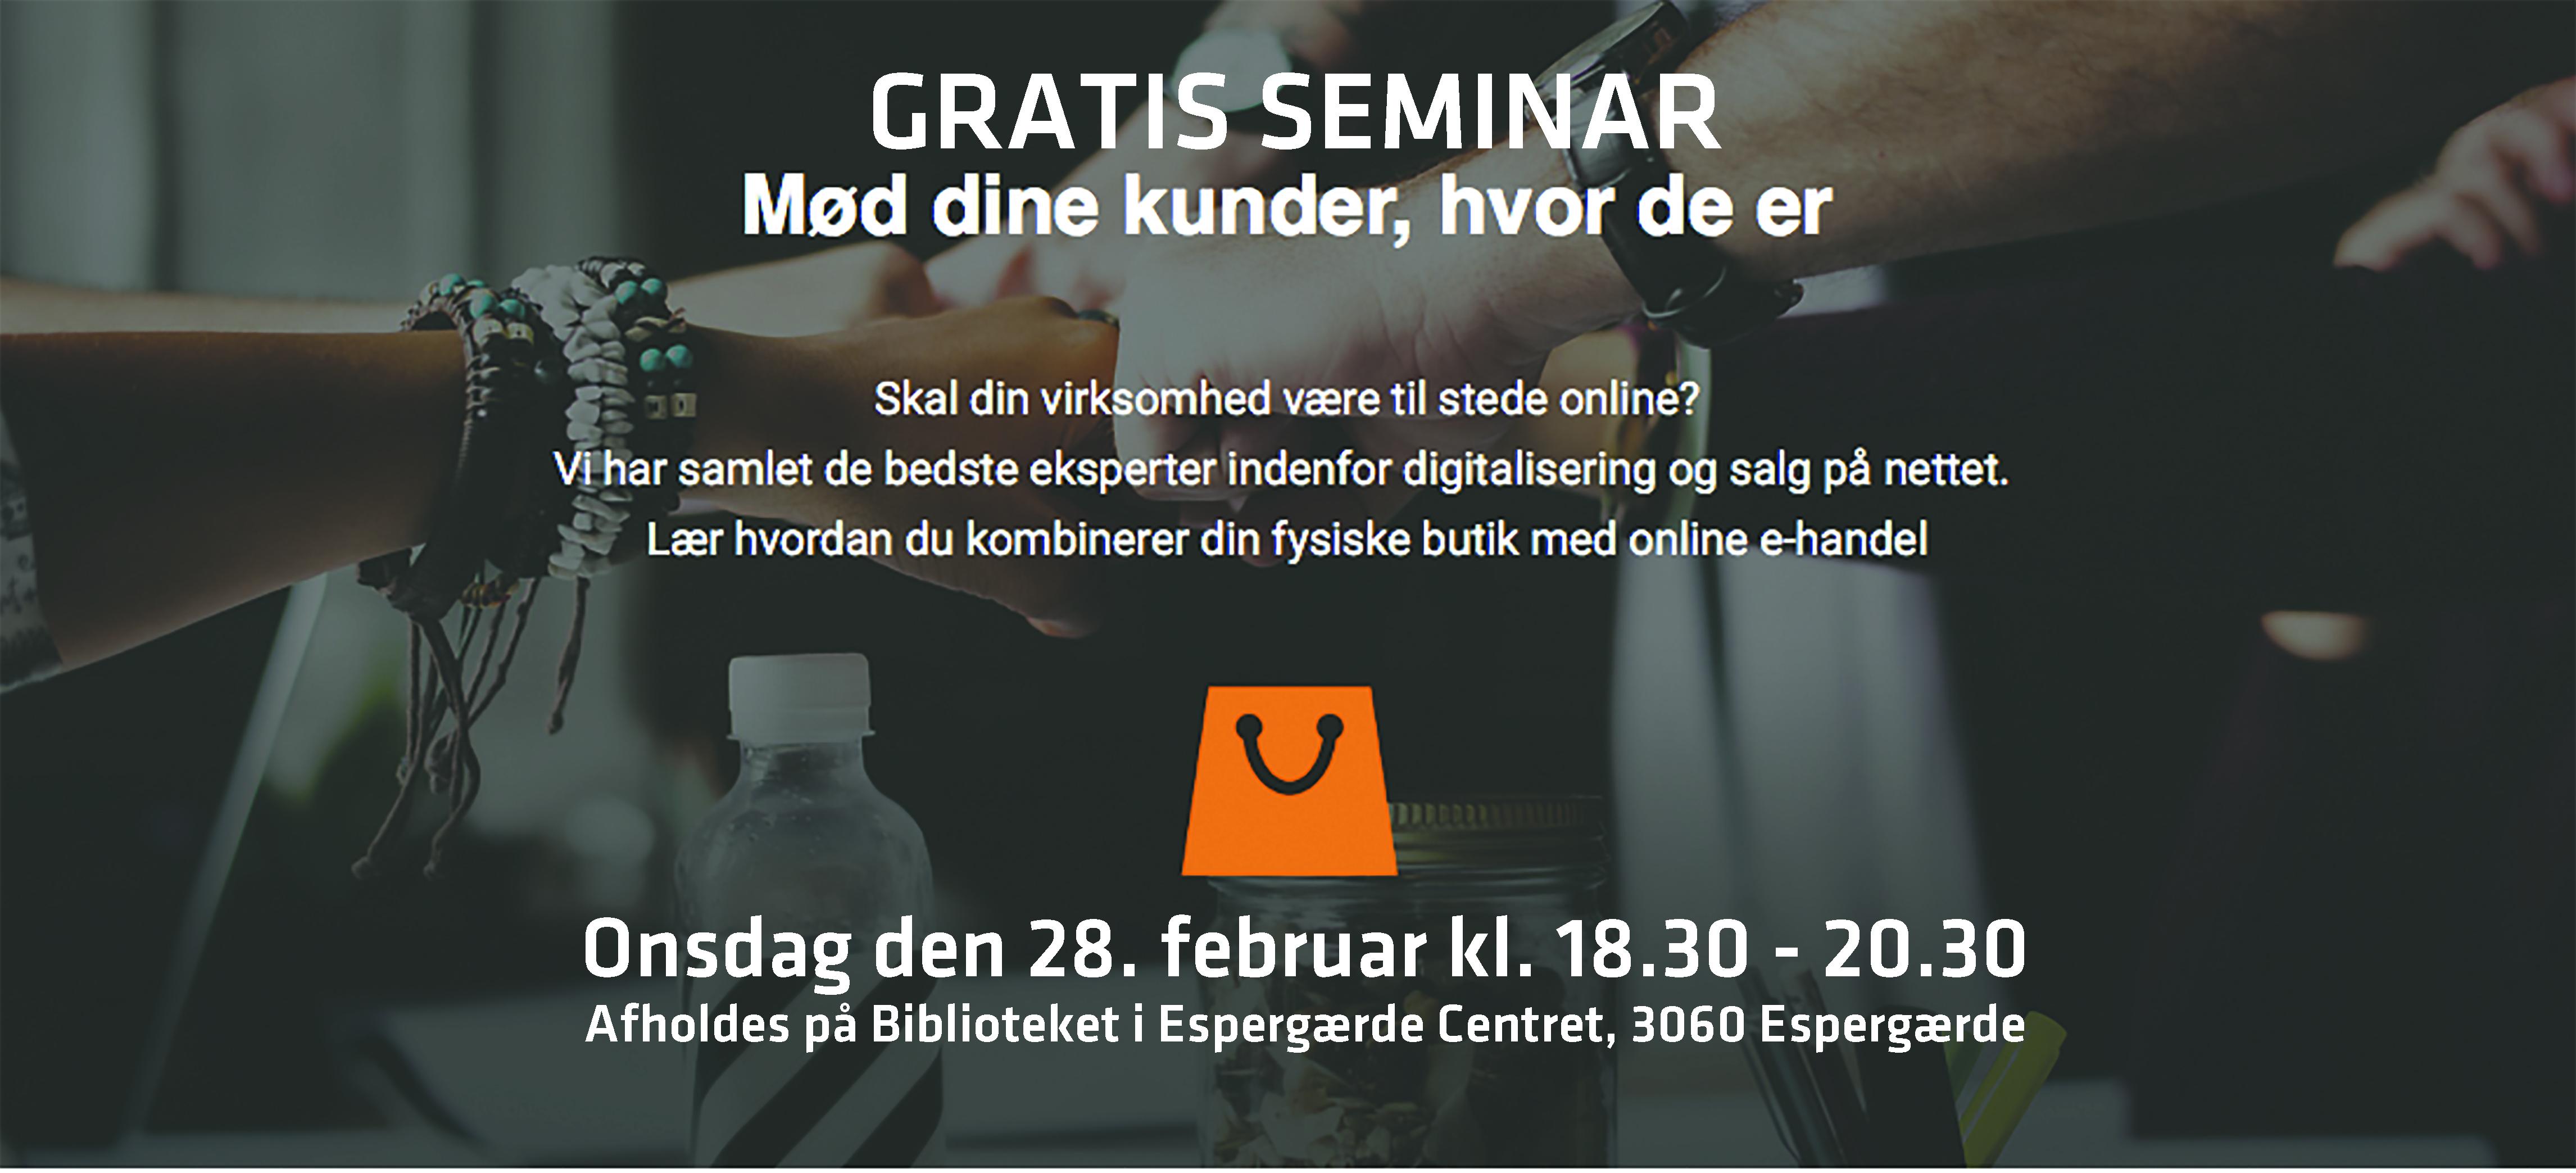 Gratis Seminar: Kombiner fysisk butik med online handel